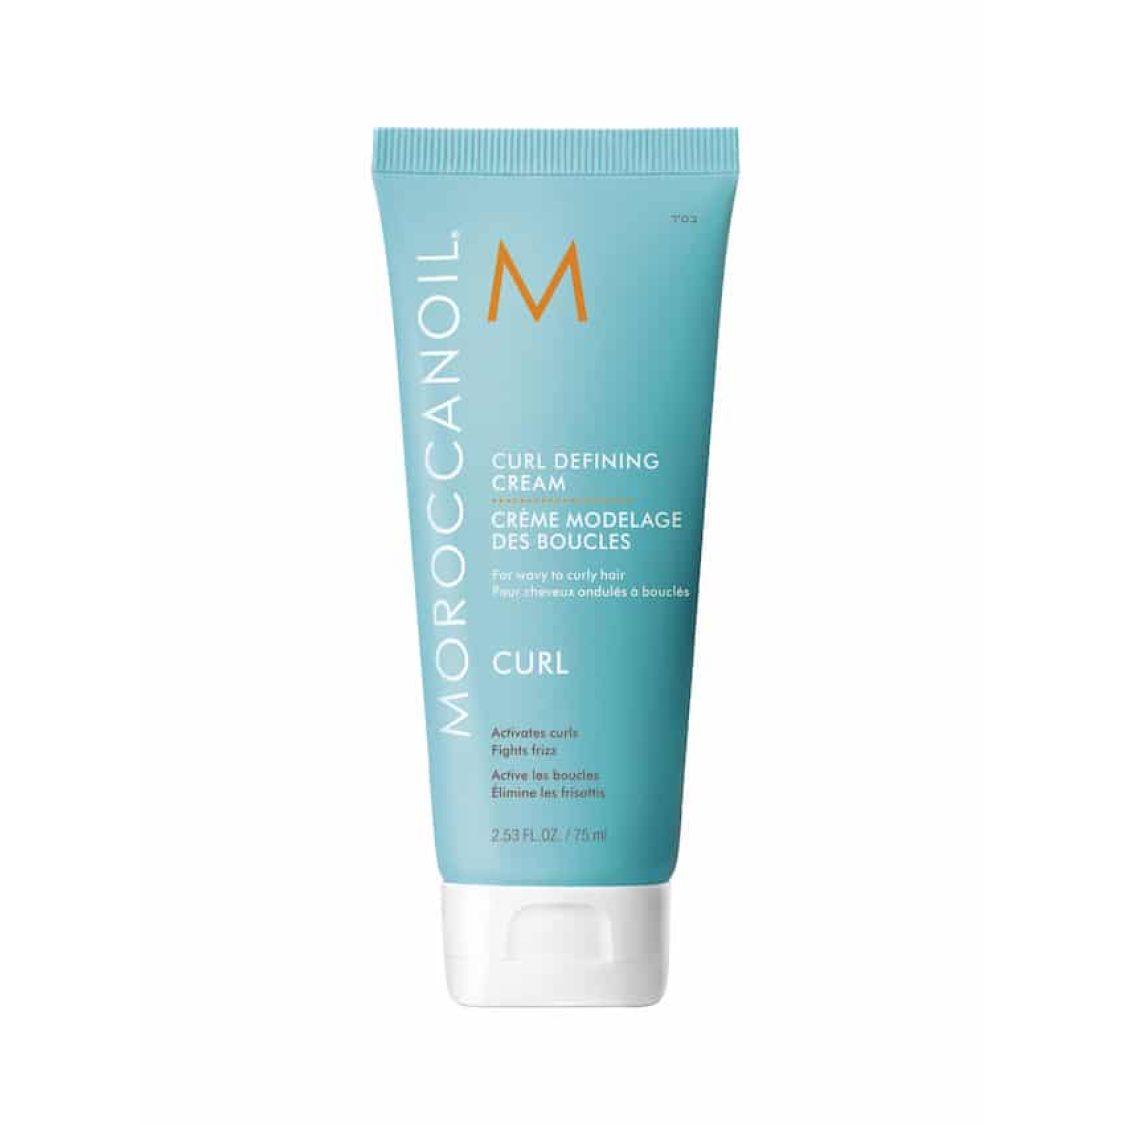 Moroccan Oil  - Moroccanoil Curl Defining Cream 75ml